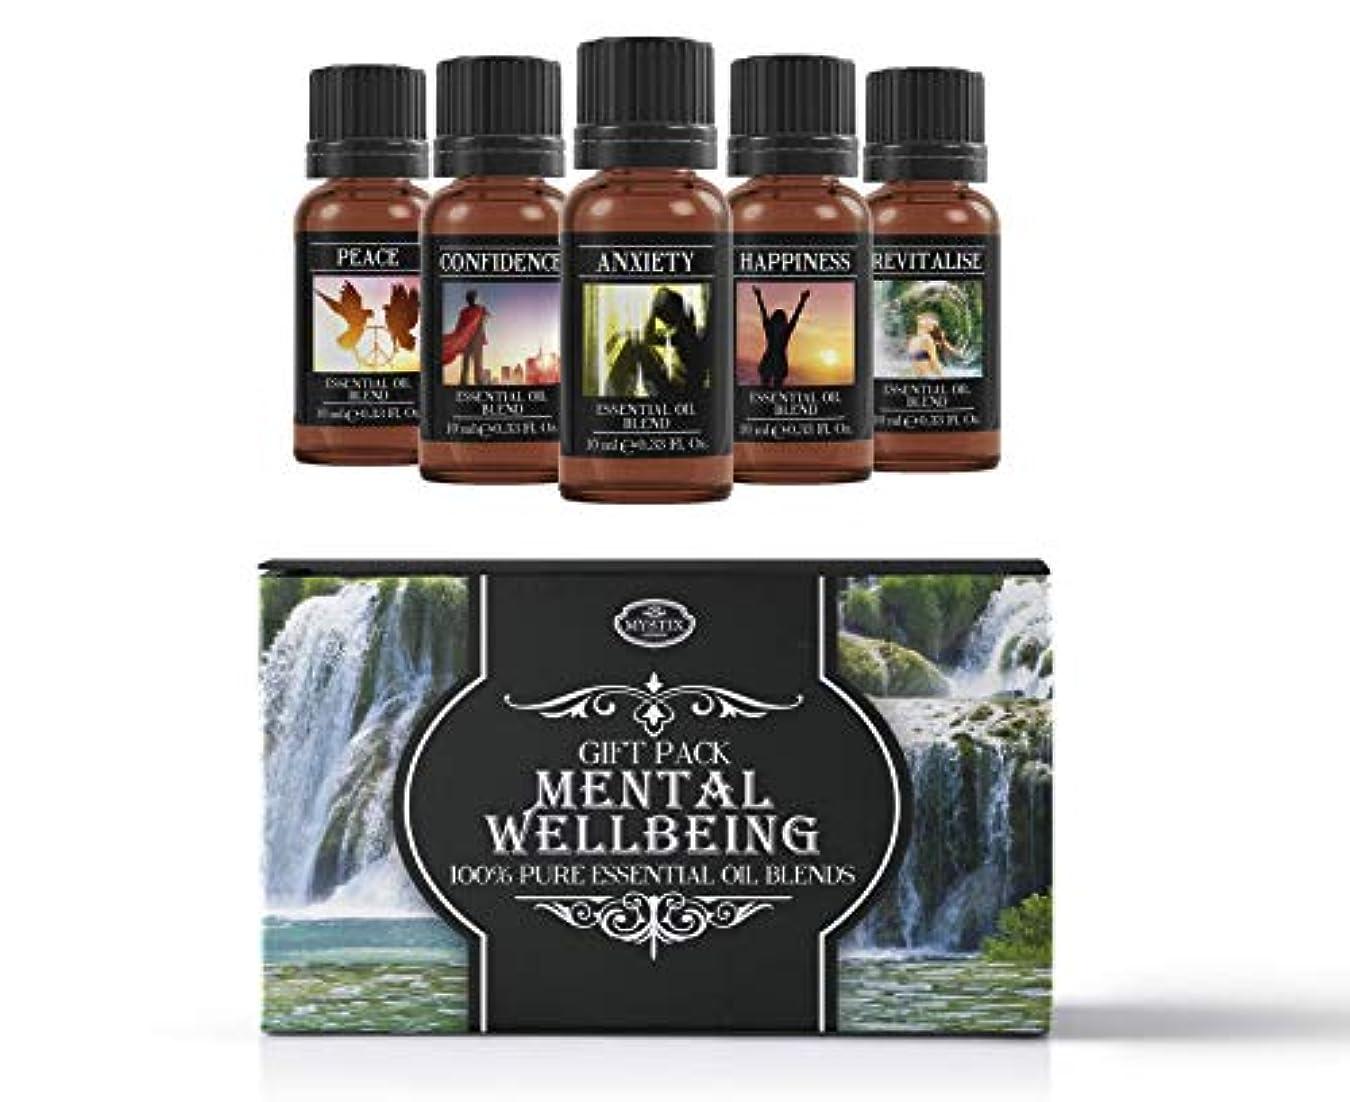 状態ハード倒産Mental Wellbeing | Essential Oil Blend Gift Pack | Anxiety, Confidence, Happiness, Peace, Revitalise | 100% Pure...